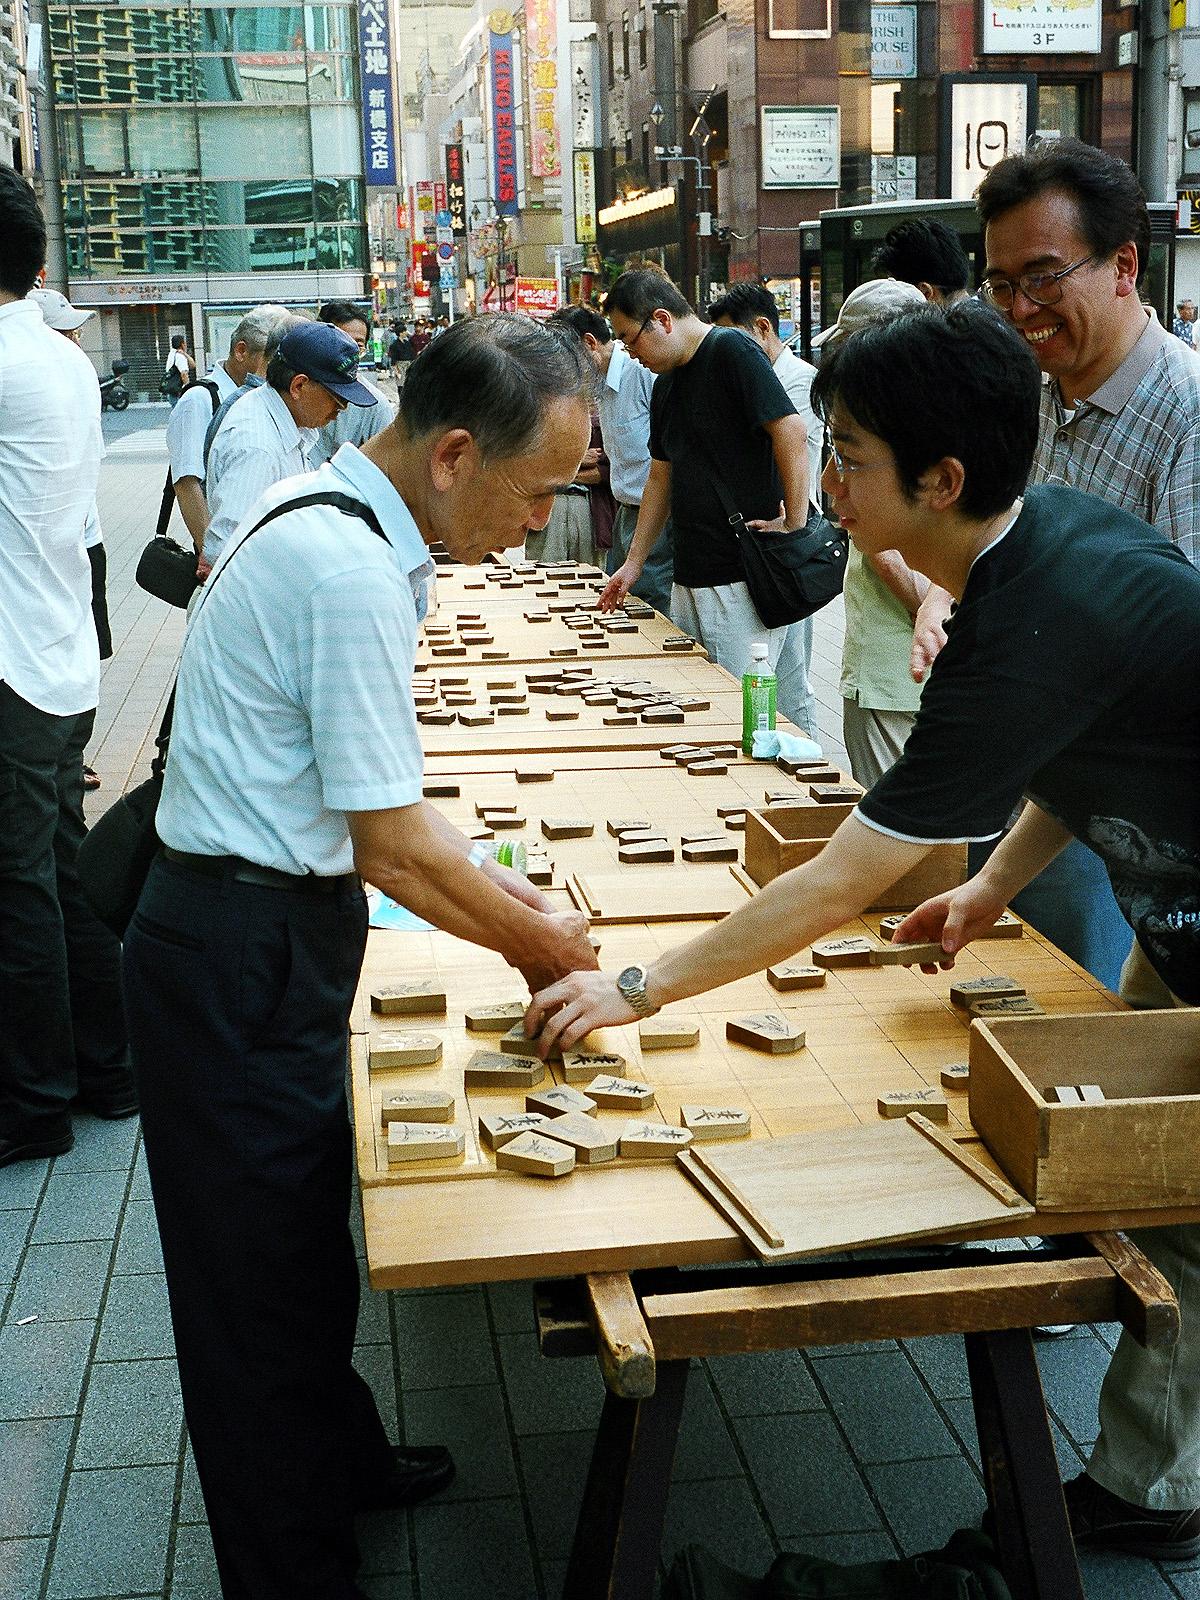 046 ニュー新橋ビル前の青空将棋 港区新橋2-16-1 20070811(07.35.35)